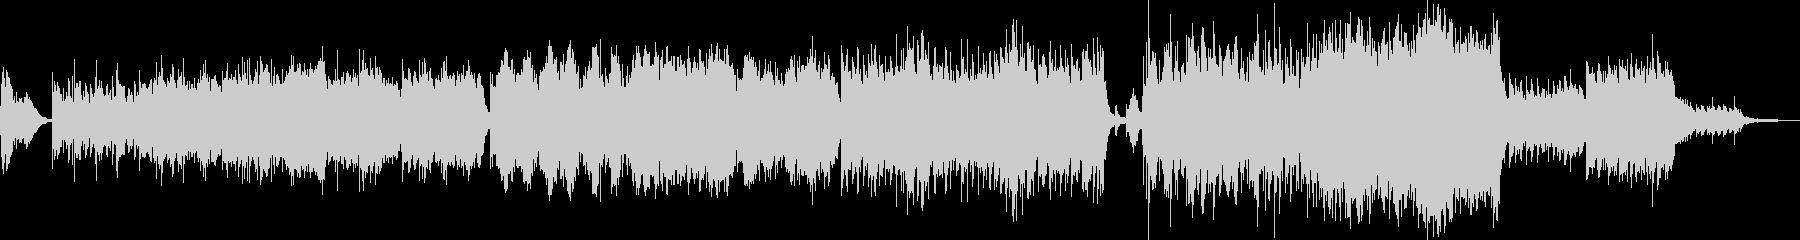 爽快なオーケストラポップスの未再生の波形